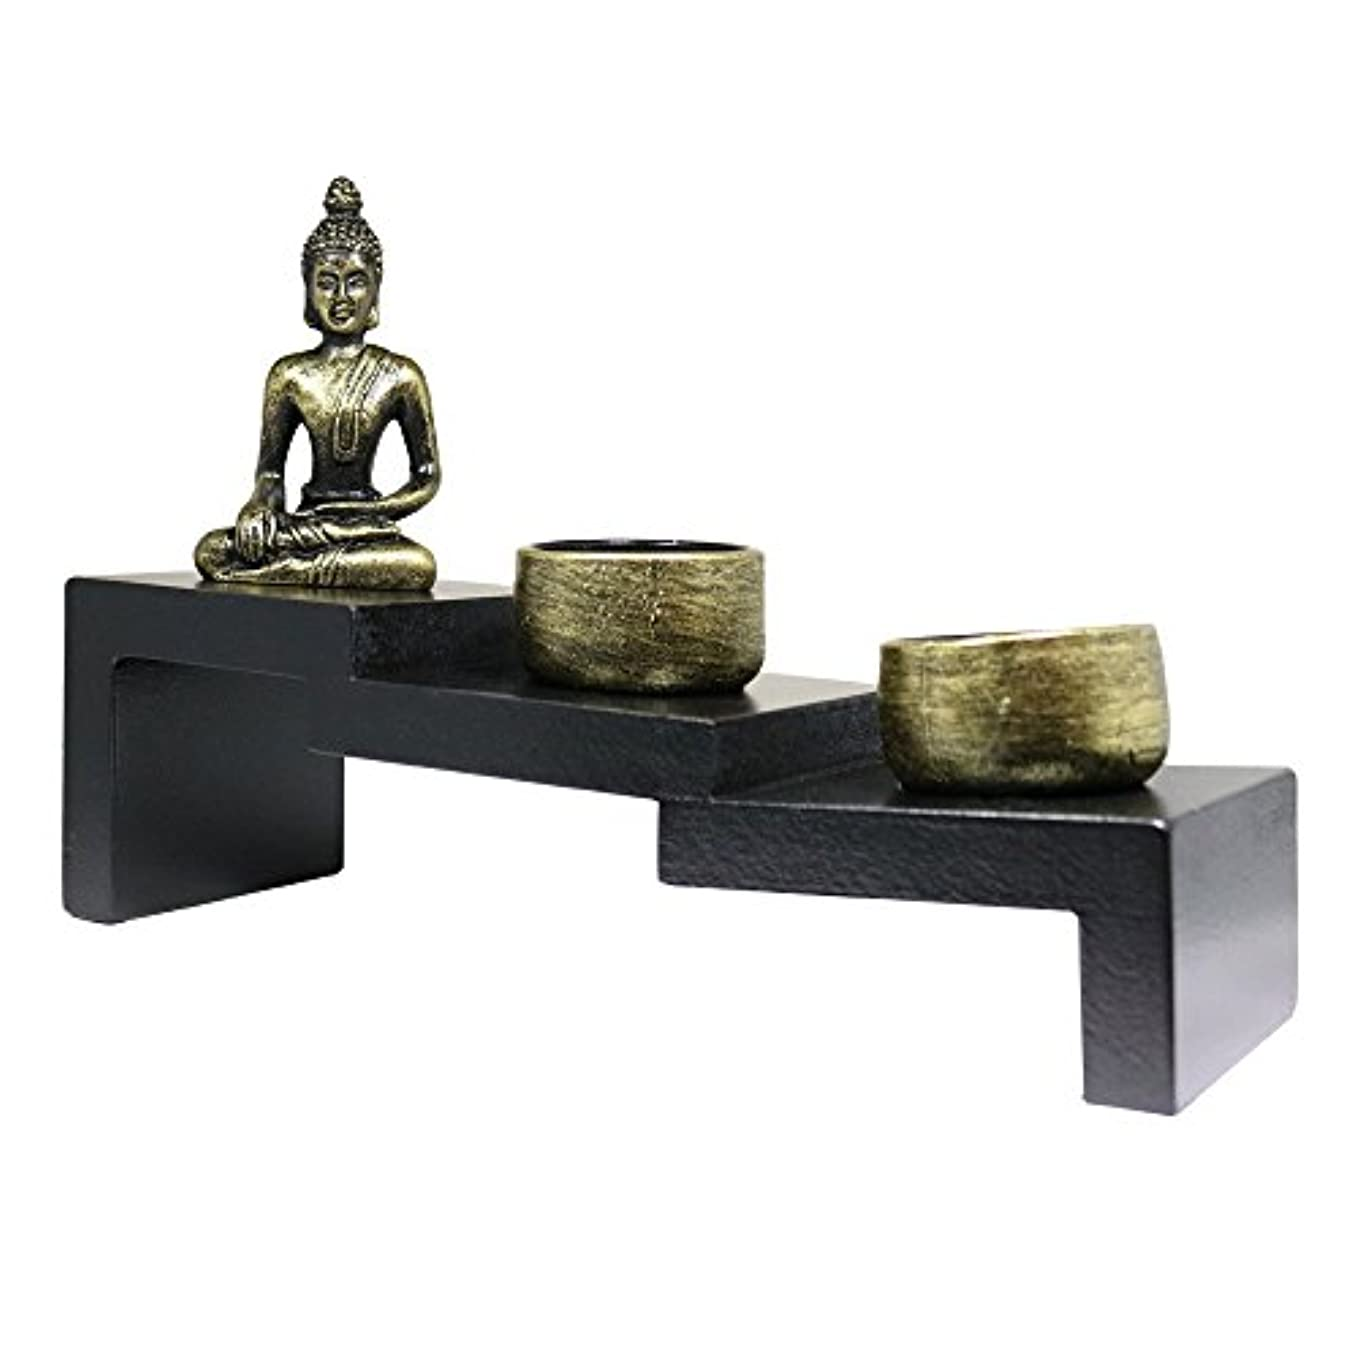 困惑する配るバイソン(Buddha Stairs) - Tabletop Incense Burner Gifts & Decor Zen Garden Kit with Statue Candle Holder USA SELLER (Buddha...